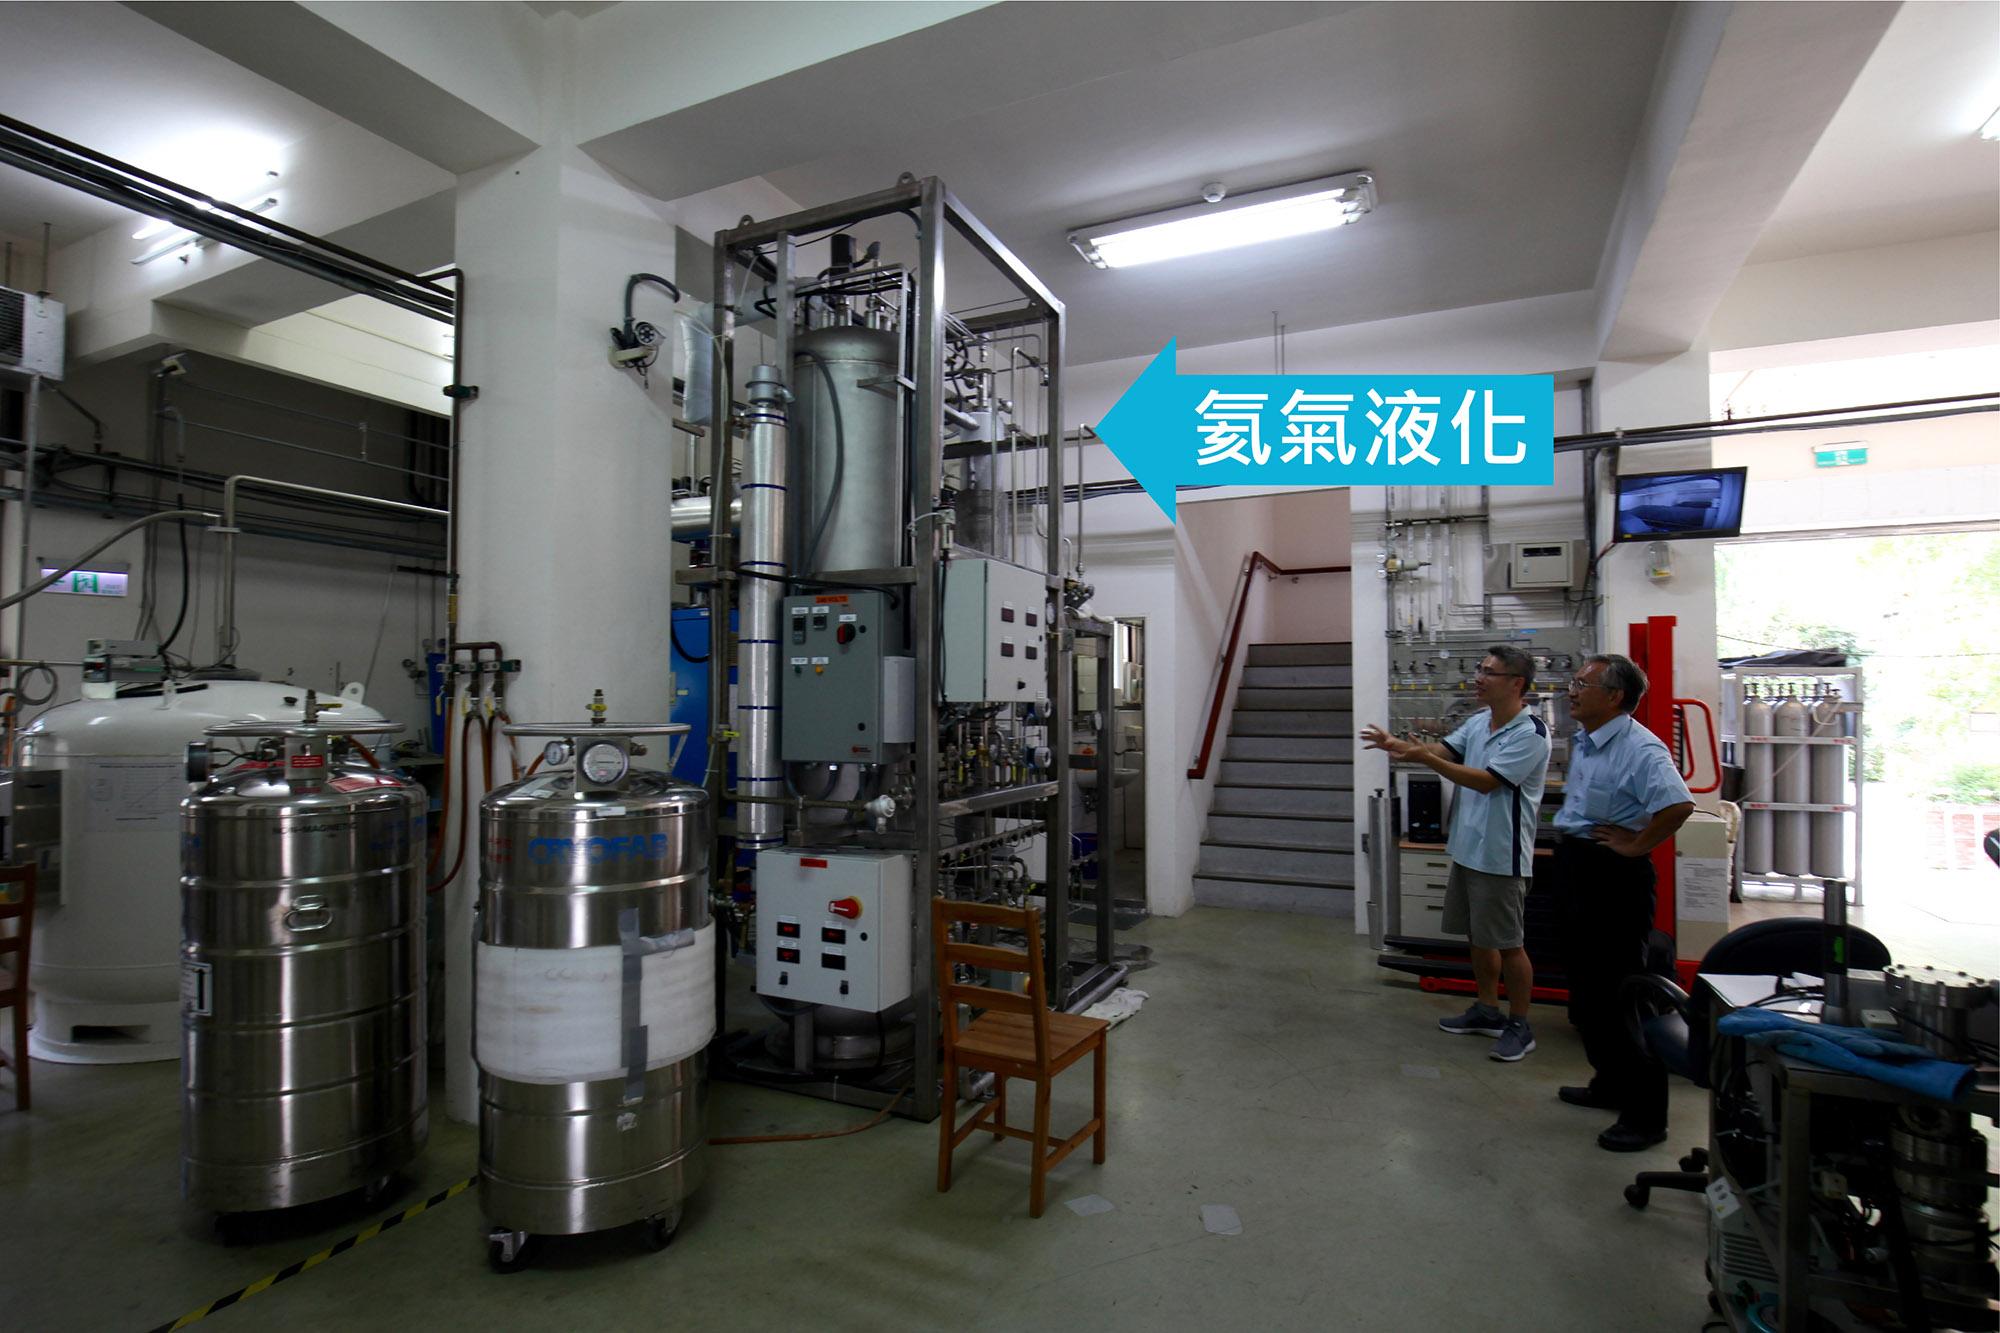 氦液化機室:回收的氦氣,經過這台機器液化後,再次用於物理所的低溫實驗。圖│研之有物、廖英凱